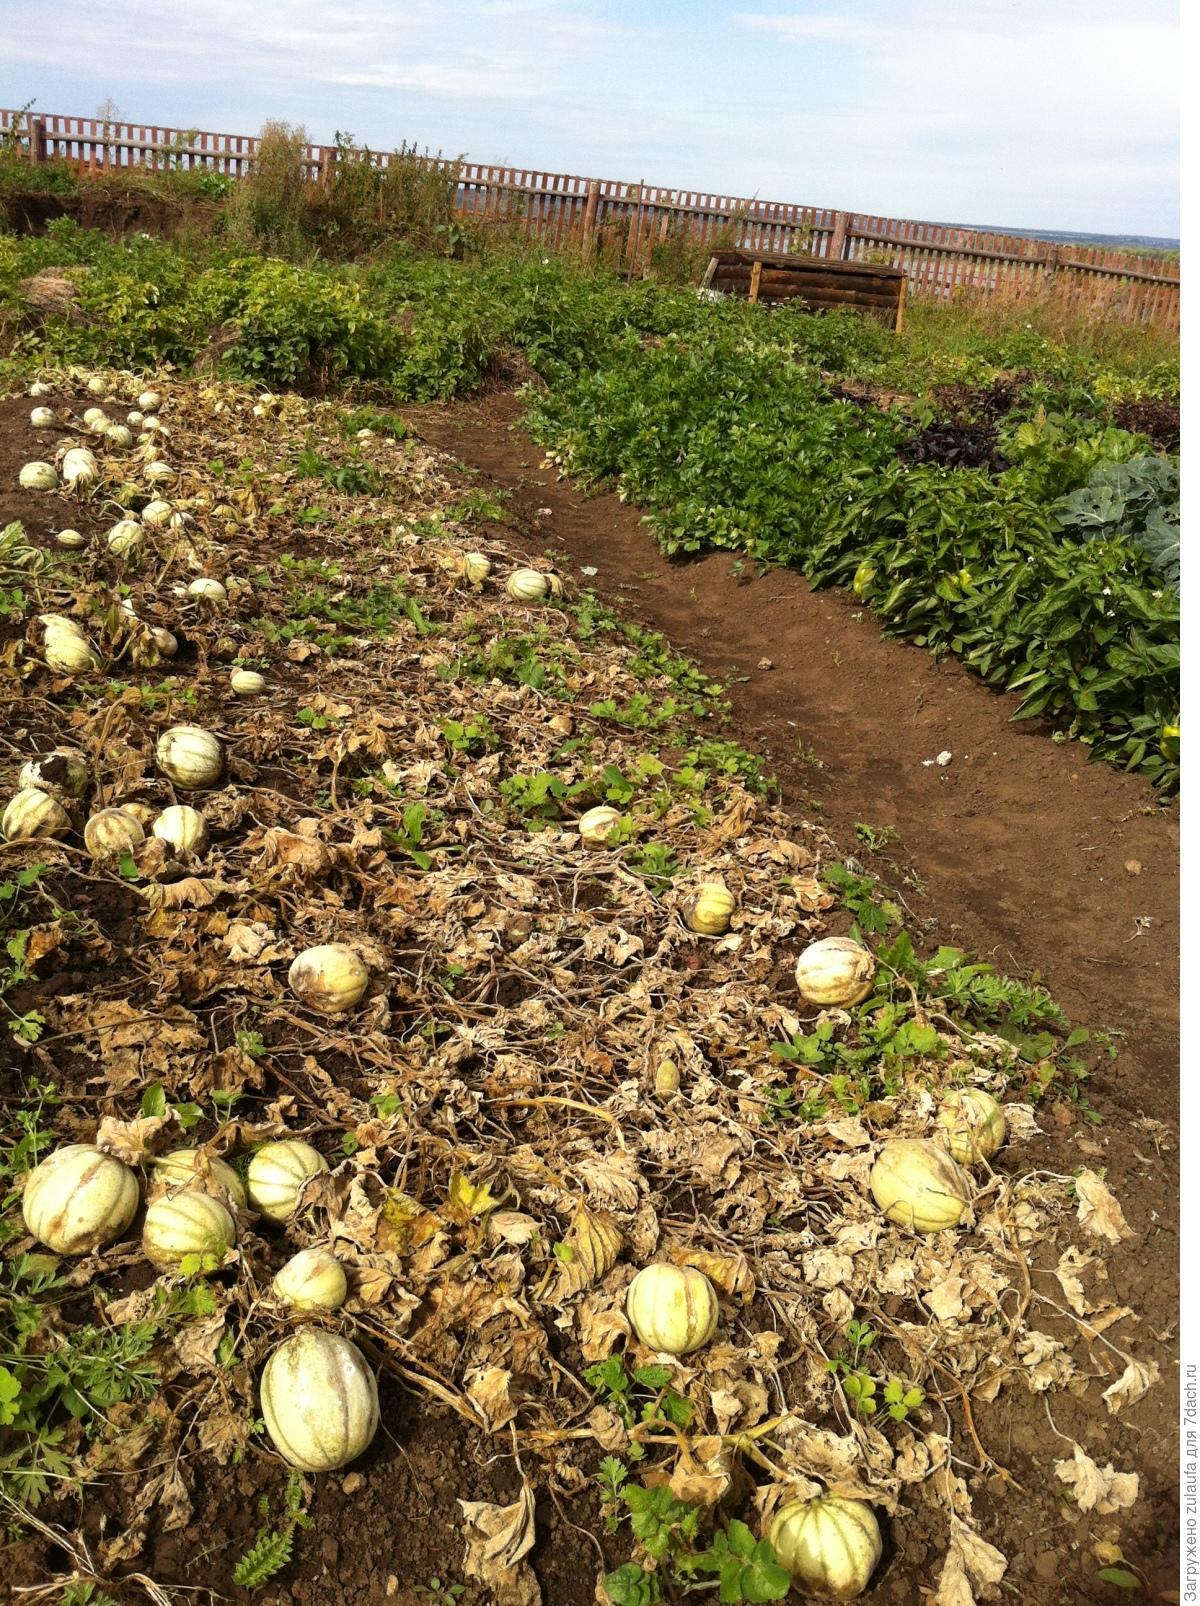 Выращивание картофеля в соломе - 3 лучших метода! 93